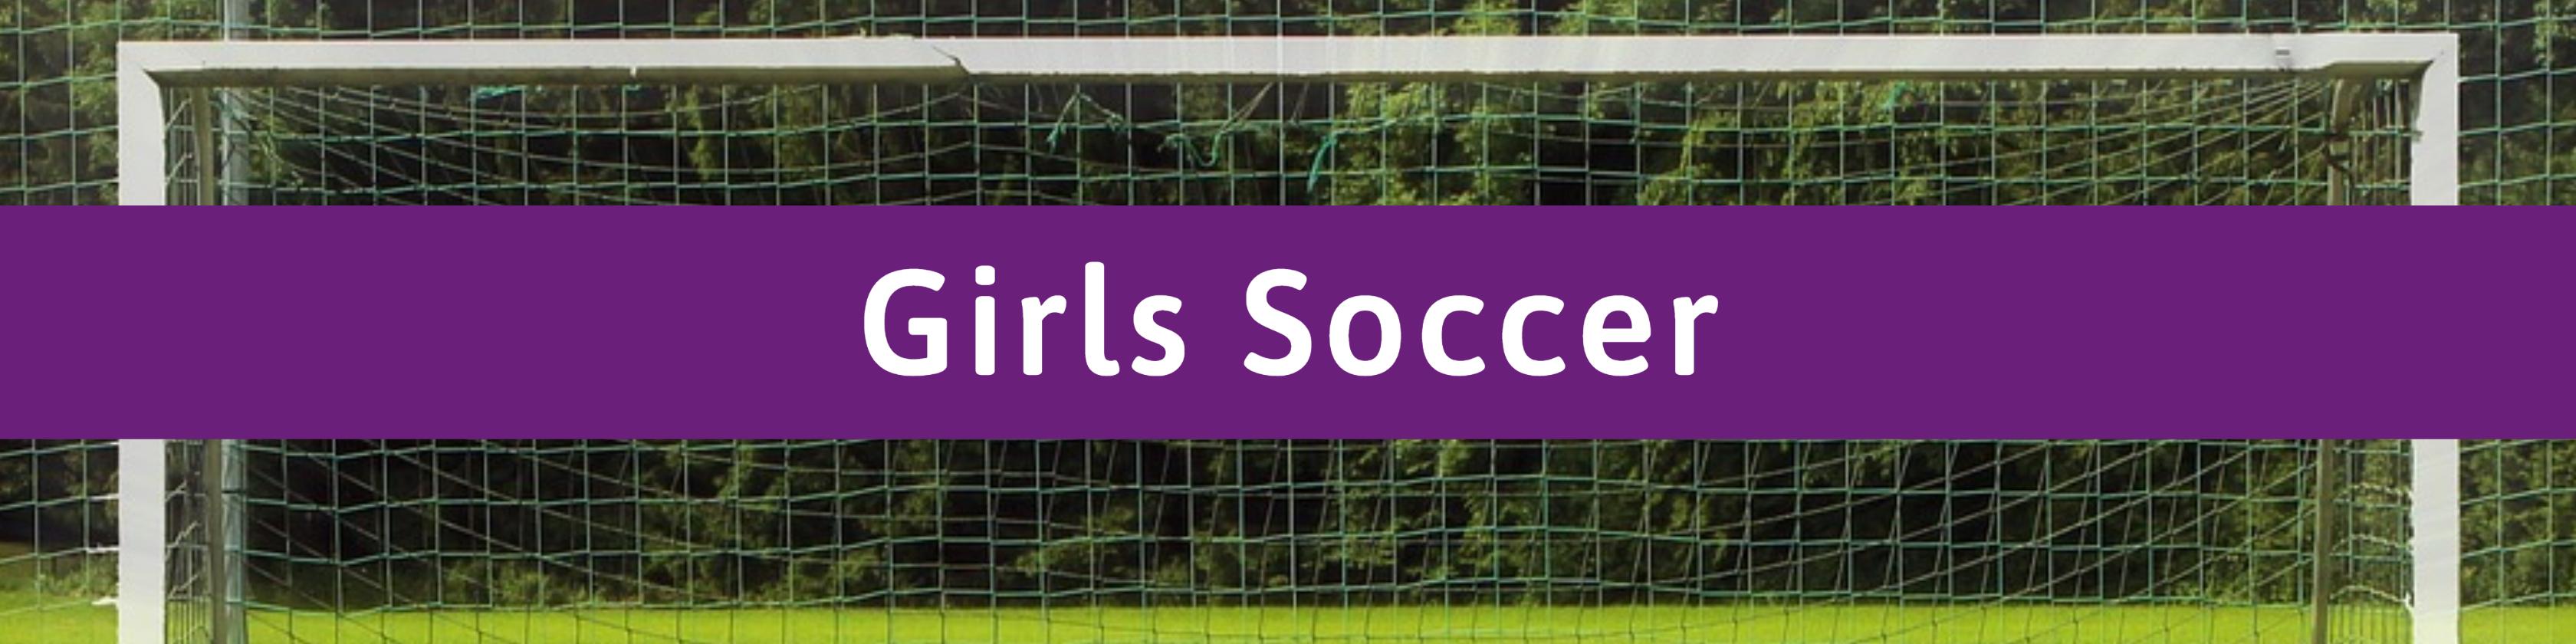 Girls Soccer Header